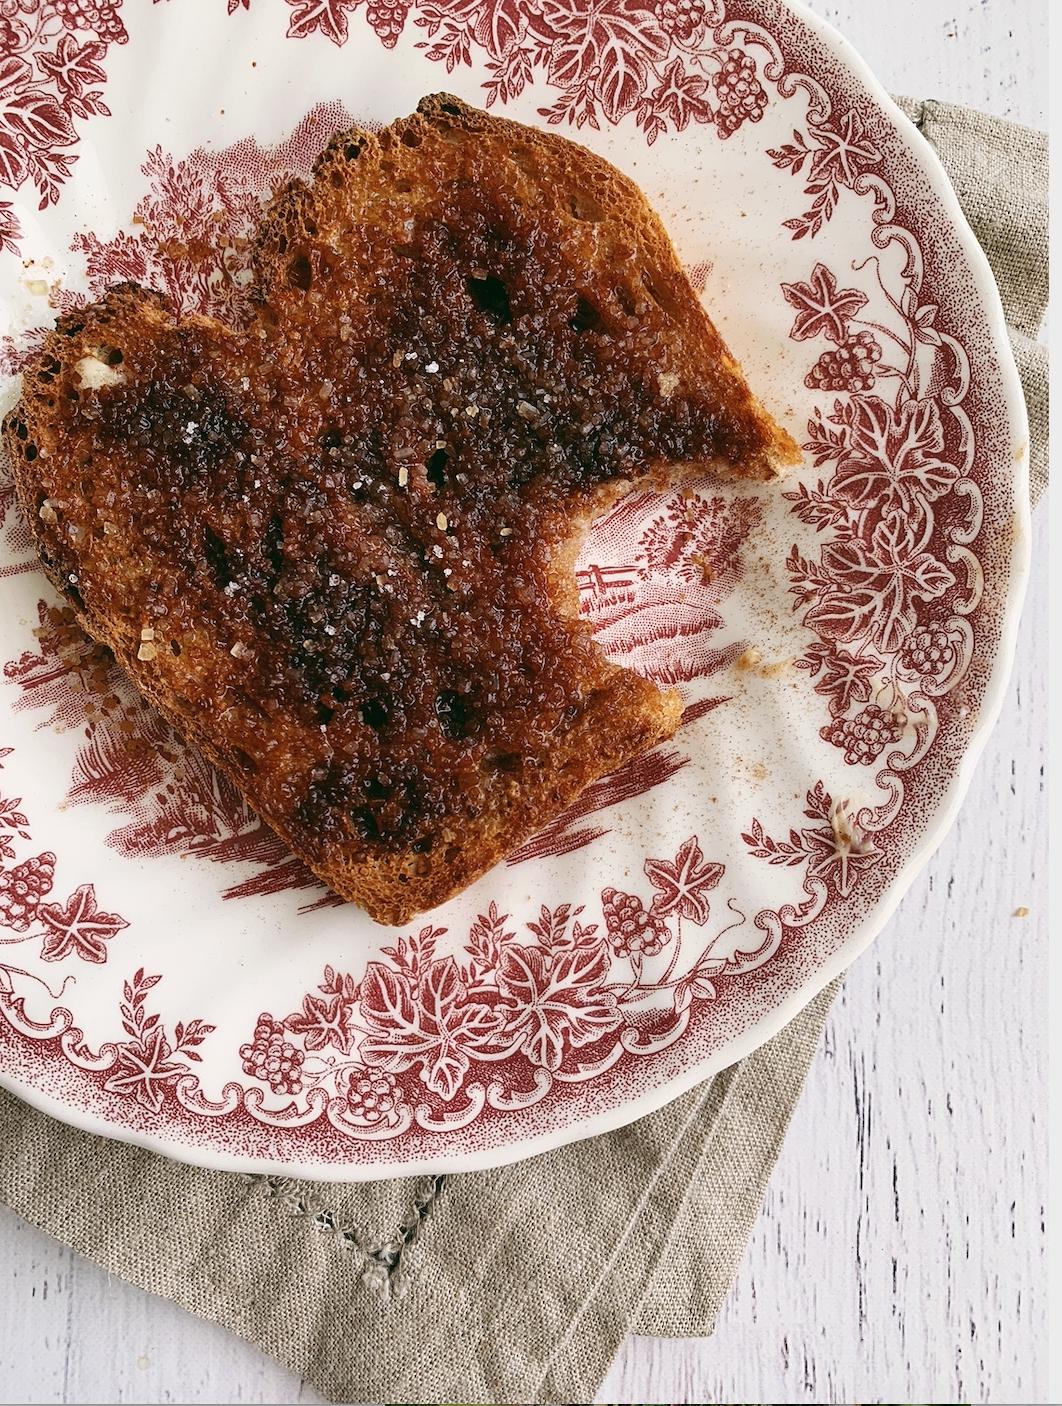 crunchy cinnamon toast